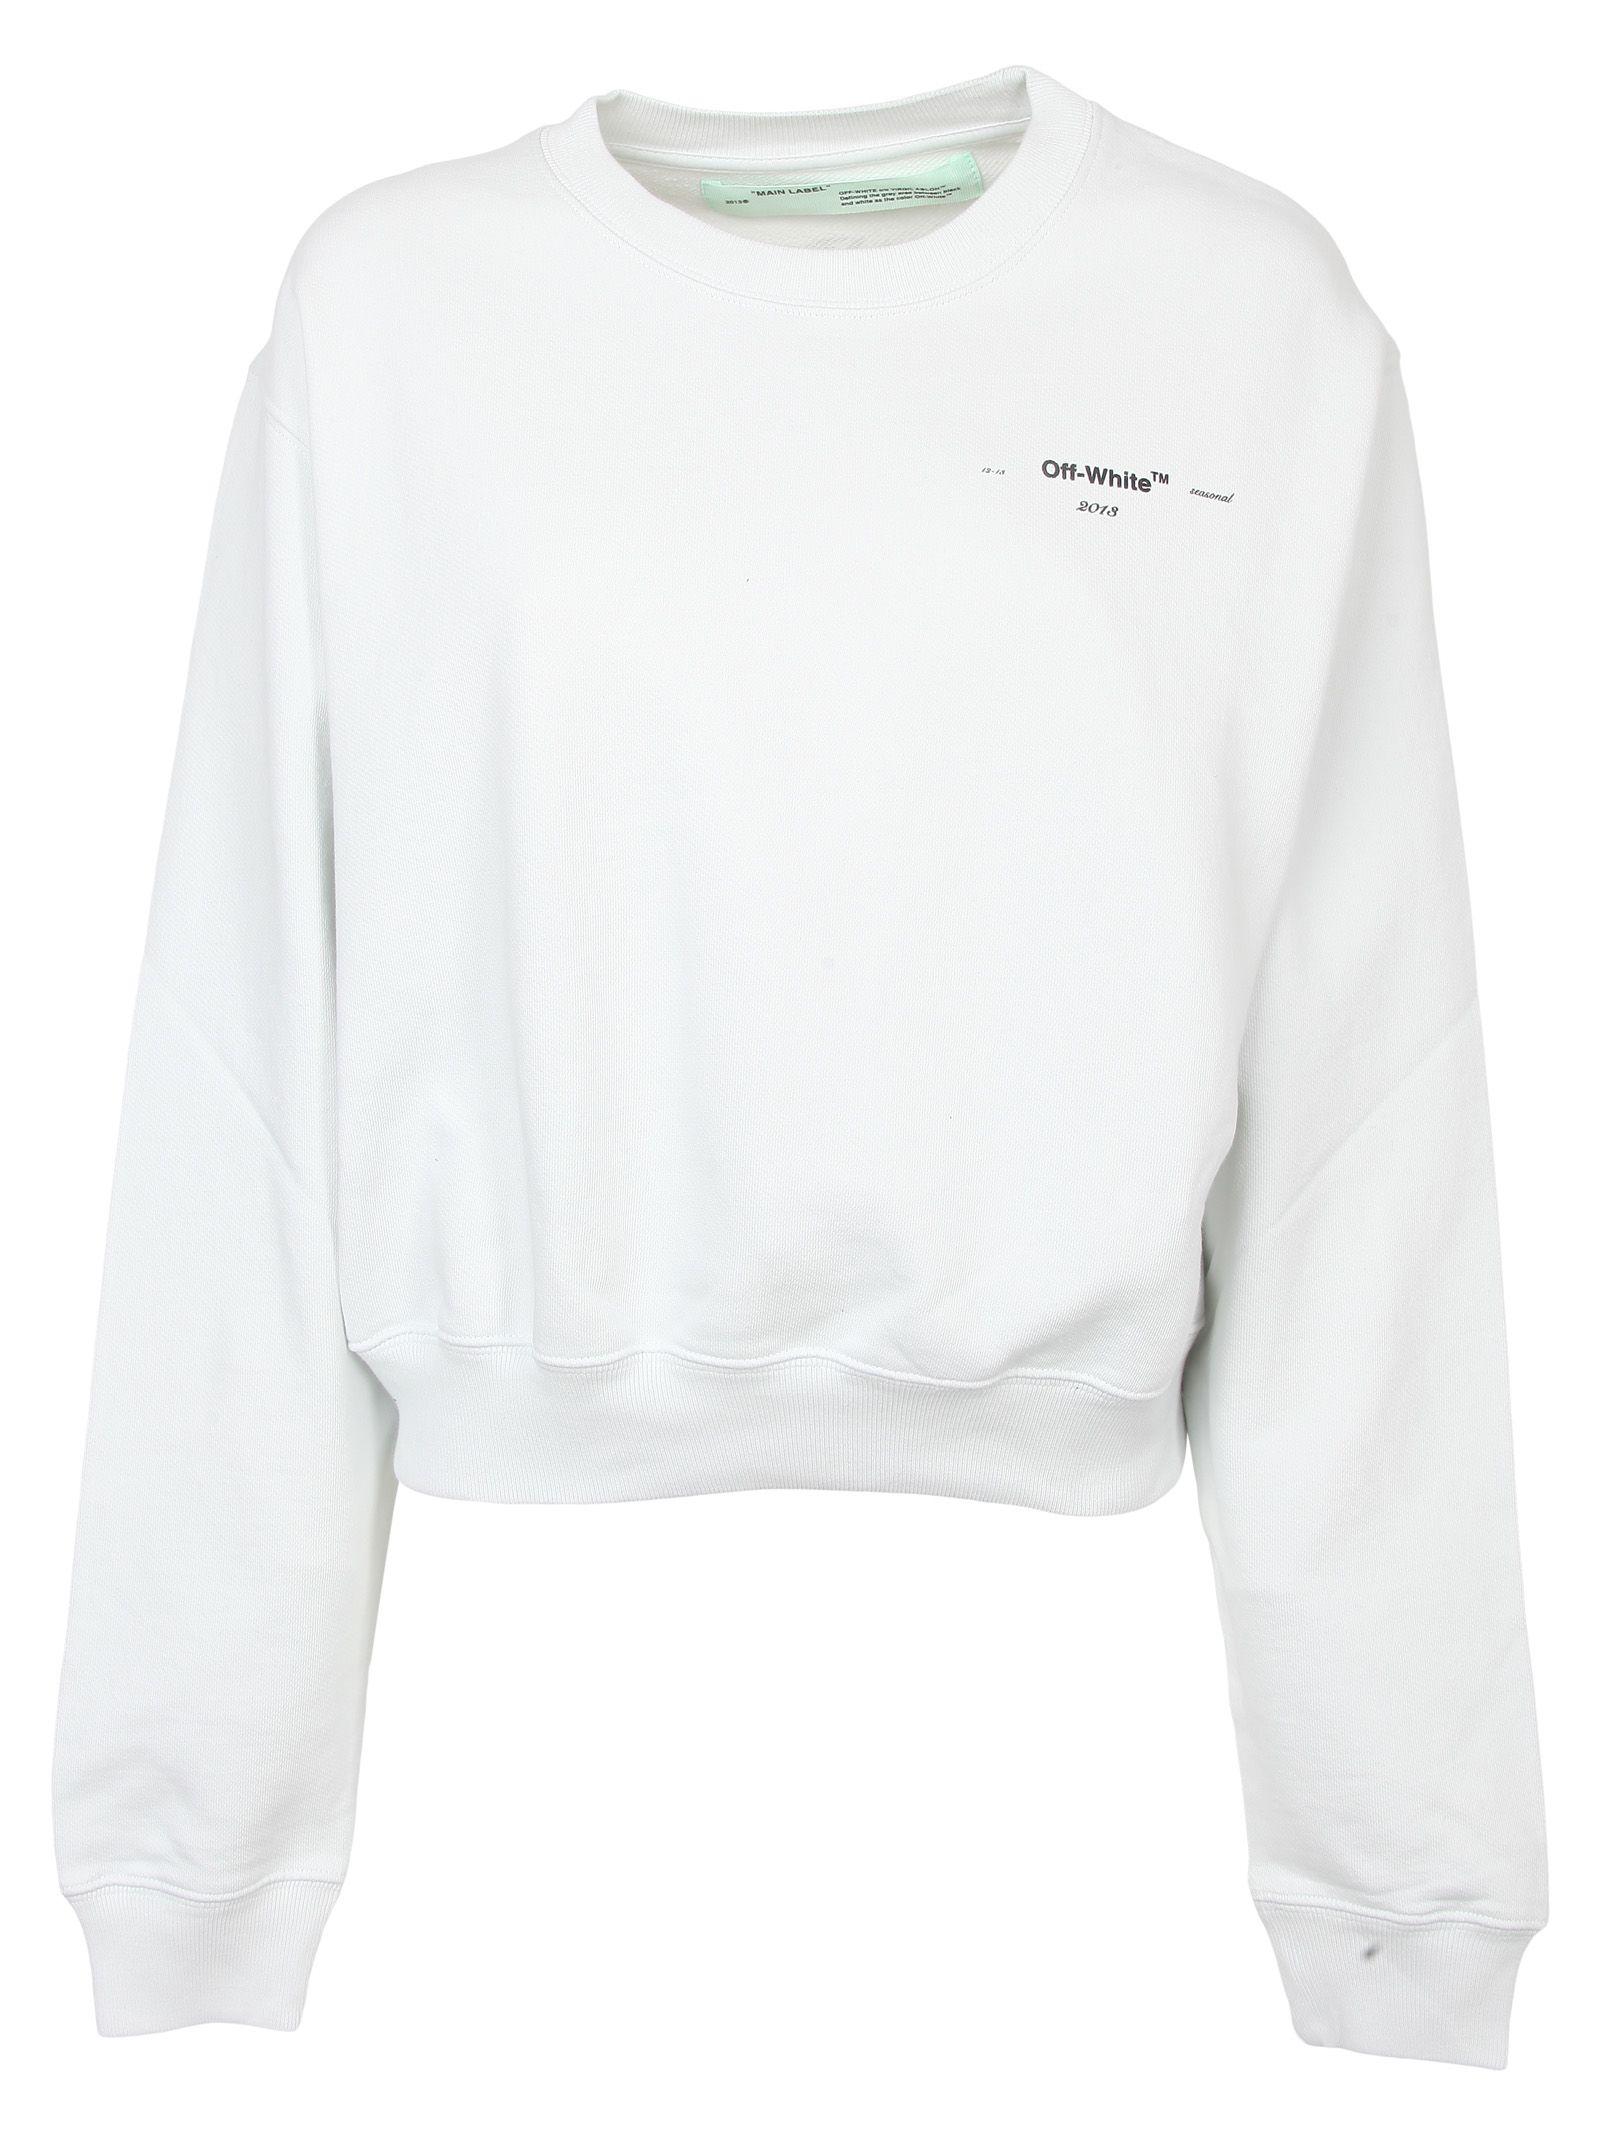 b2b8fb5b67af Off-White Off-white Leaves Arrows Print Sweatshirt - White ...